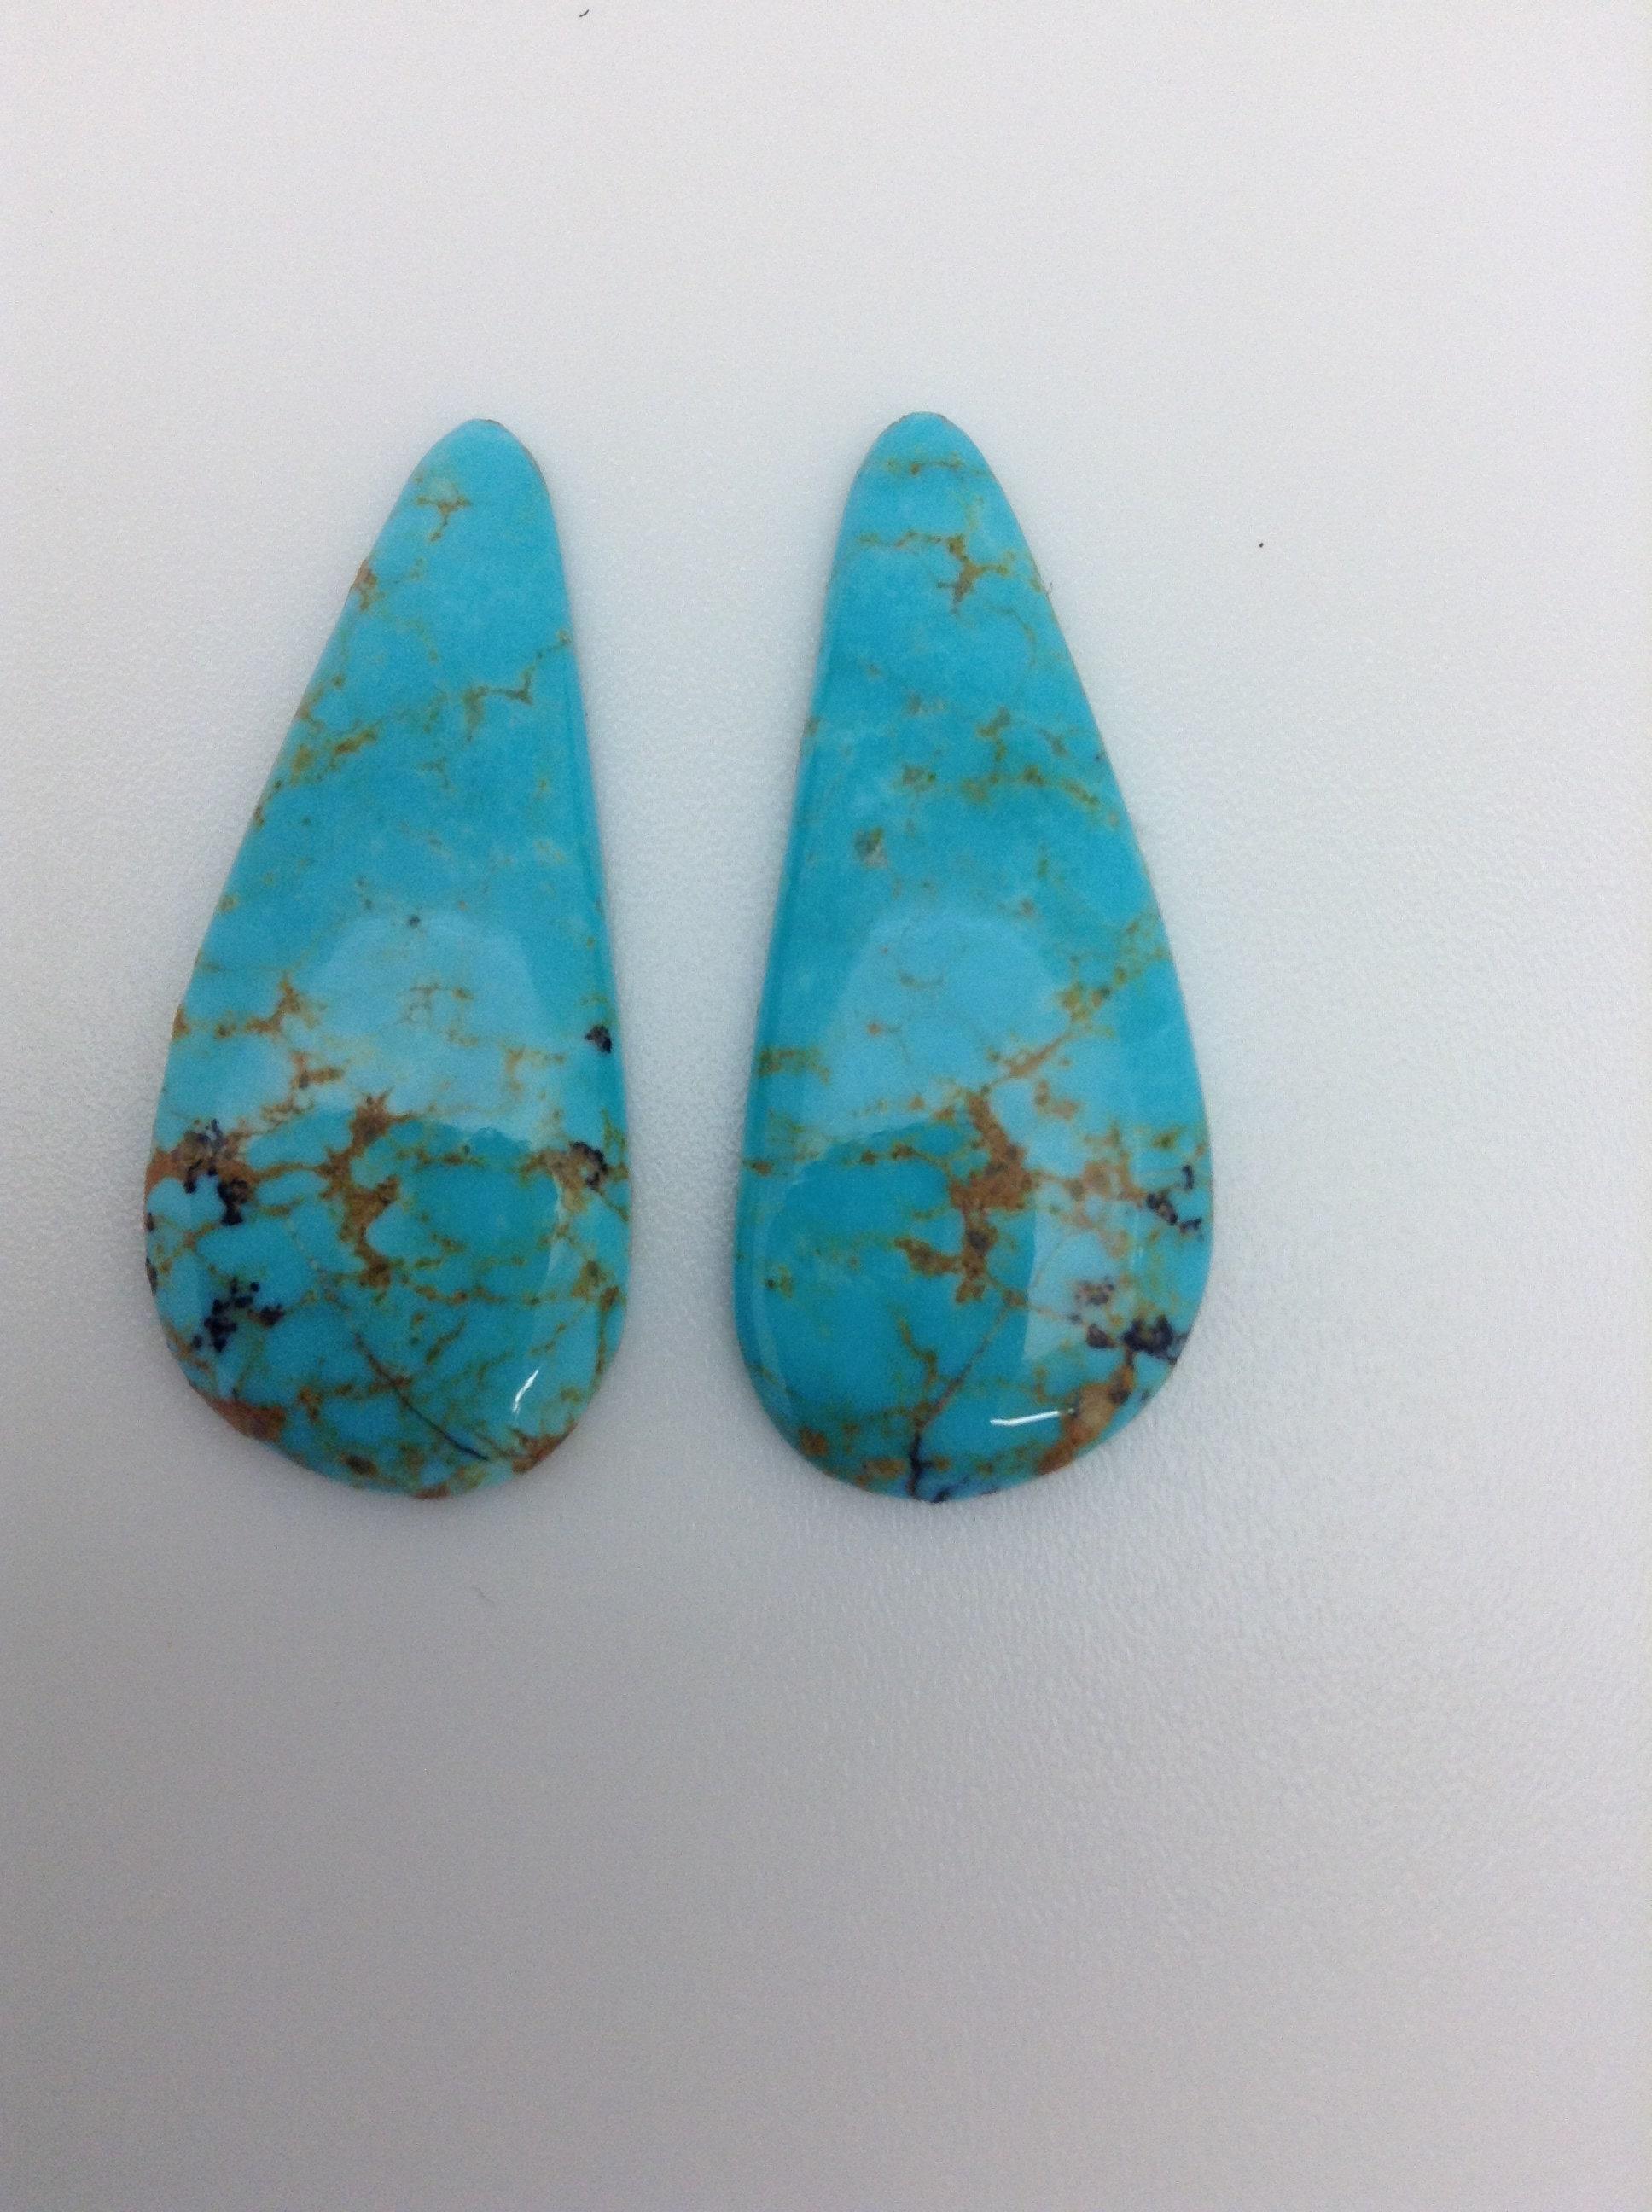 Kingman Turquoise / Tear Drop / / Drop Cabochon/Matching boucles d'oreilles / Arizona /Blue Turquoise/bricolage bijoux approvisionnement / 24,5 carats / pas soutenu / TCFF103 78ccc1